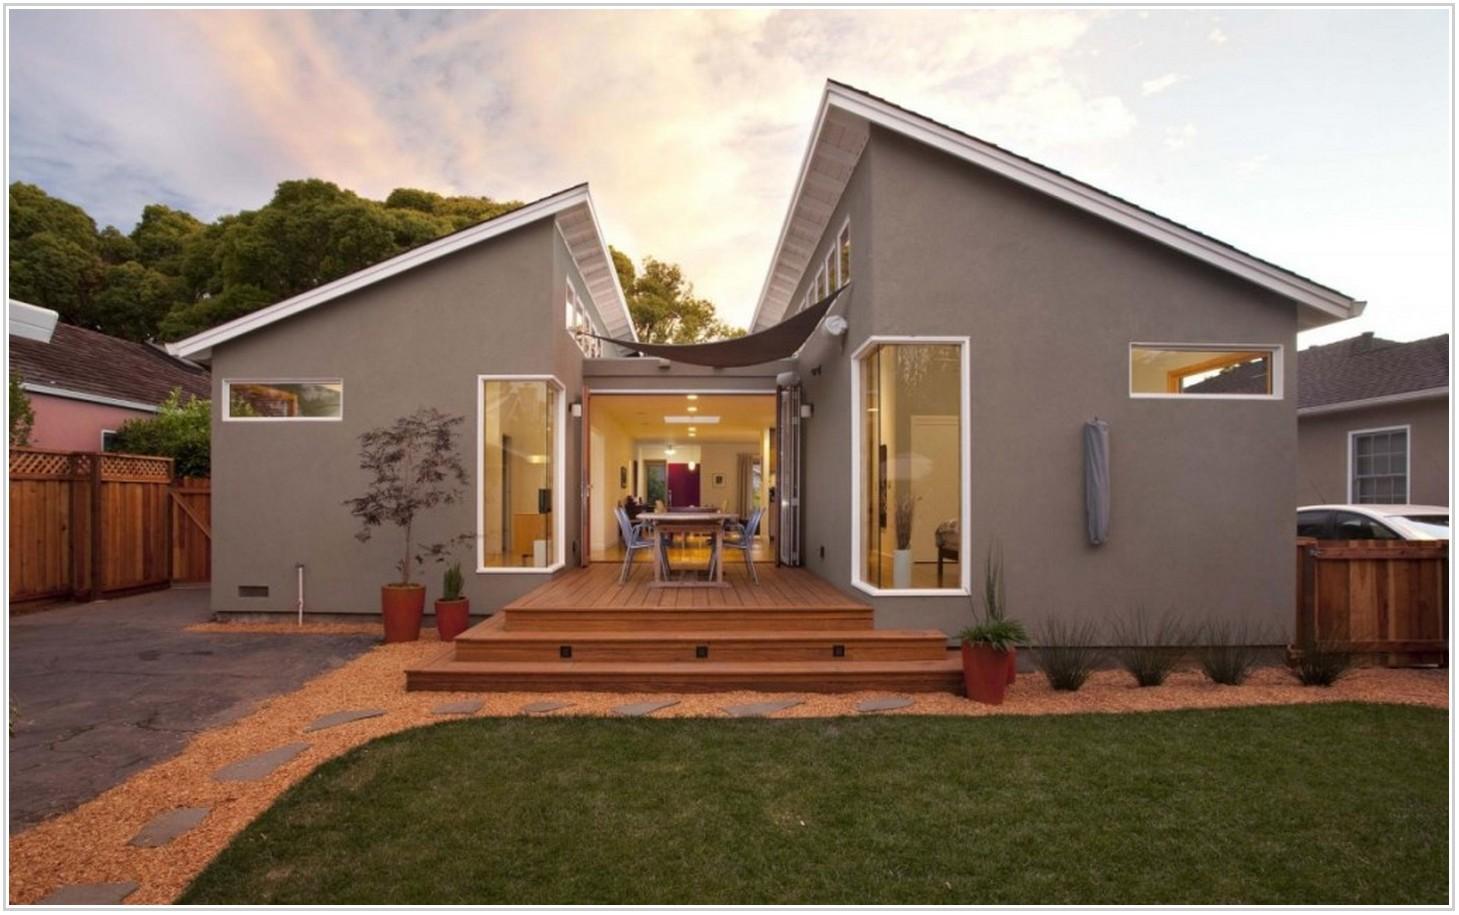 Частный дом небольшой дизайн